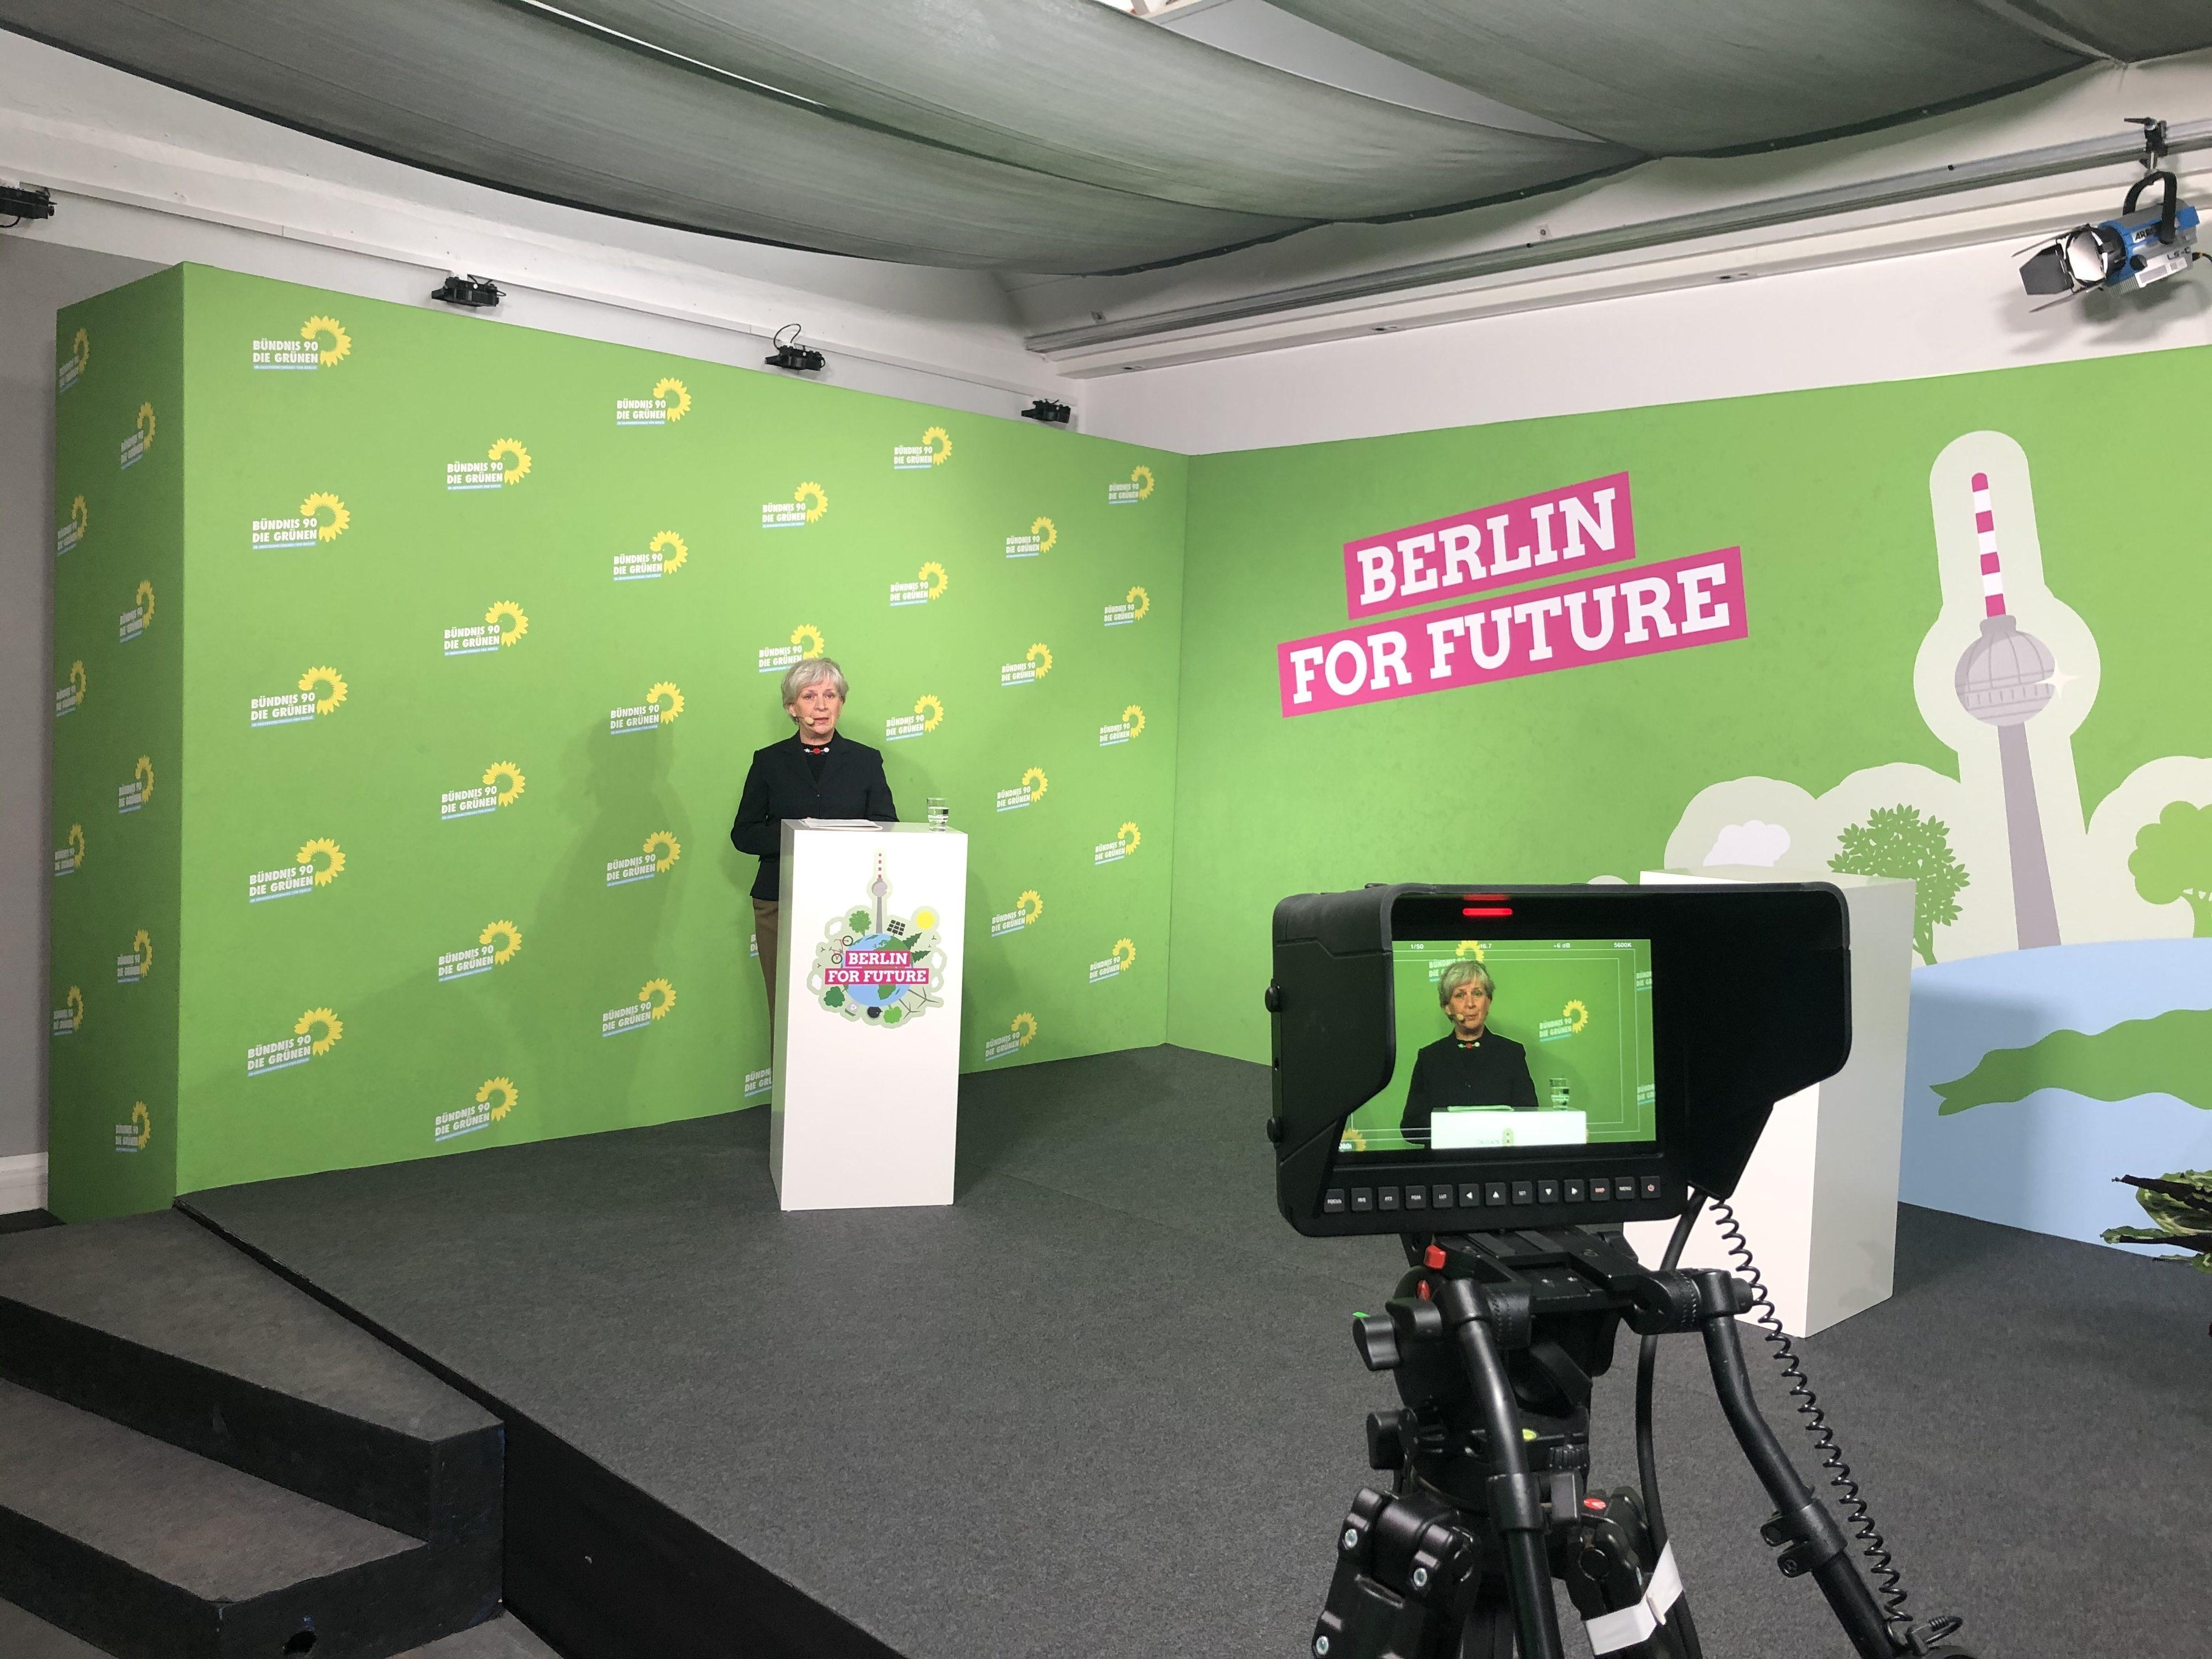 Klimakonferenz Berlin for Future: Barbara Unmüßig, Vorstand bei der Boell-Stiftung